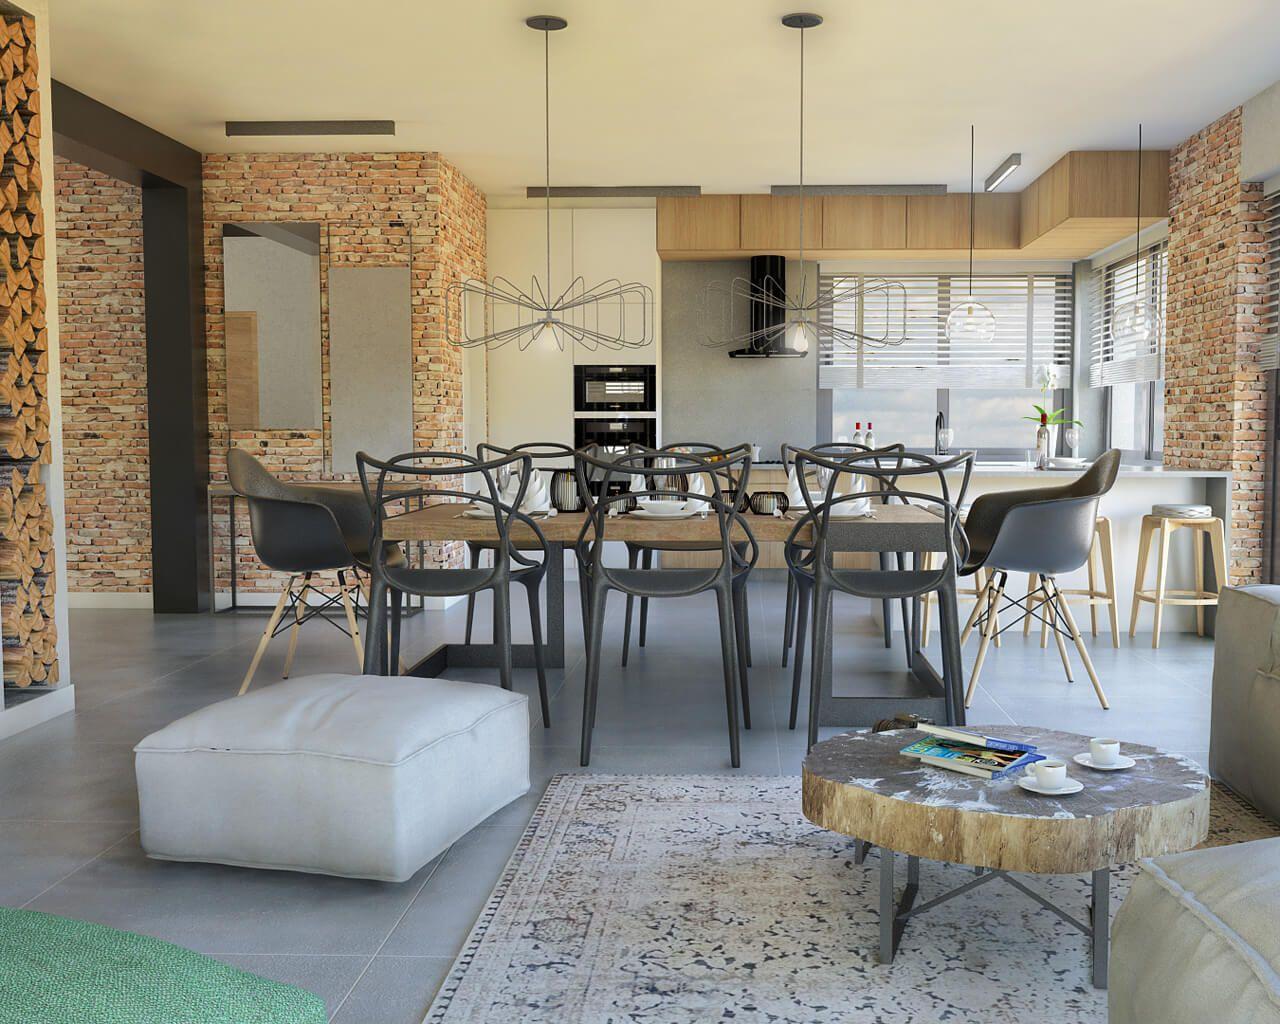 Połączenie Kuchni I Salonu W Klimacie Loftowym Ceramika